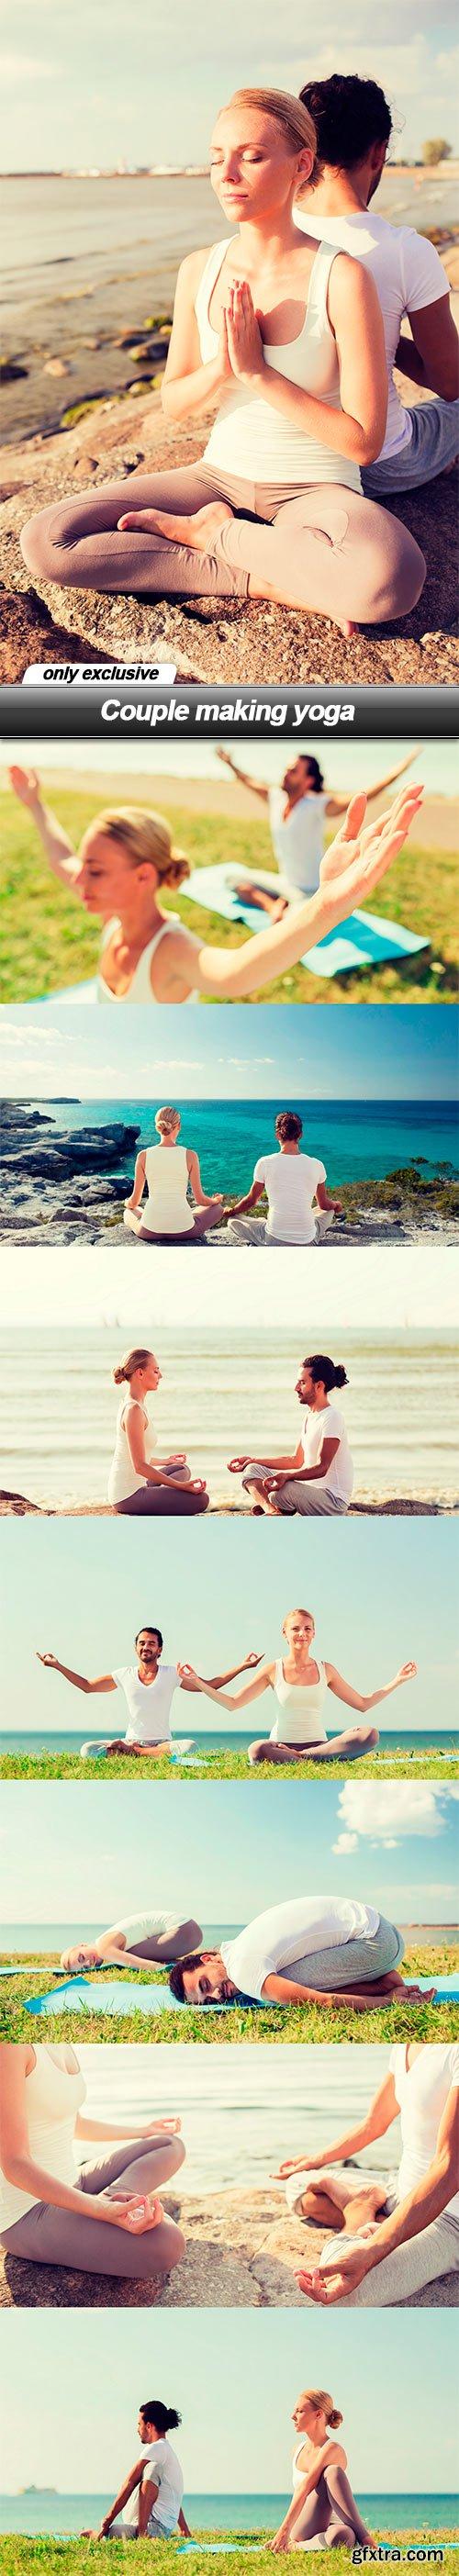 Couple making yoga - 8 UHQ JPEG